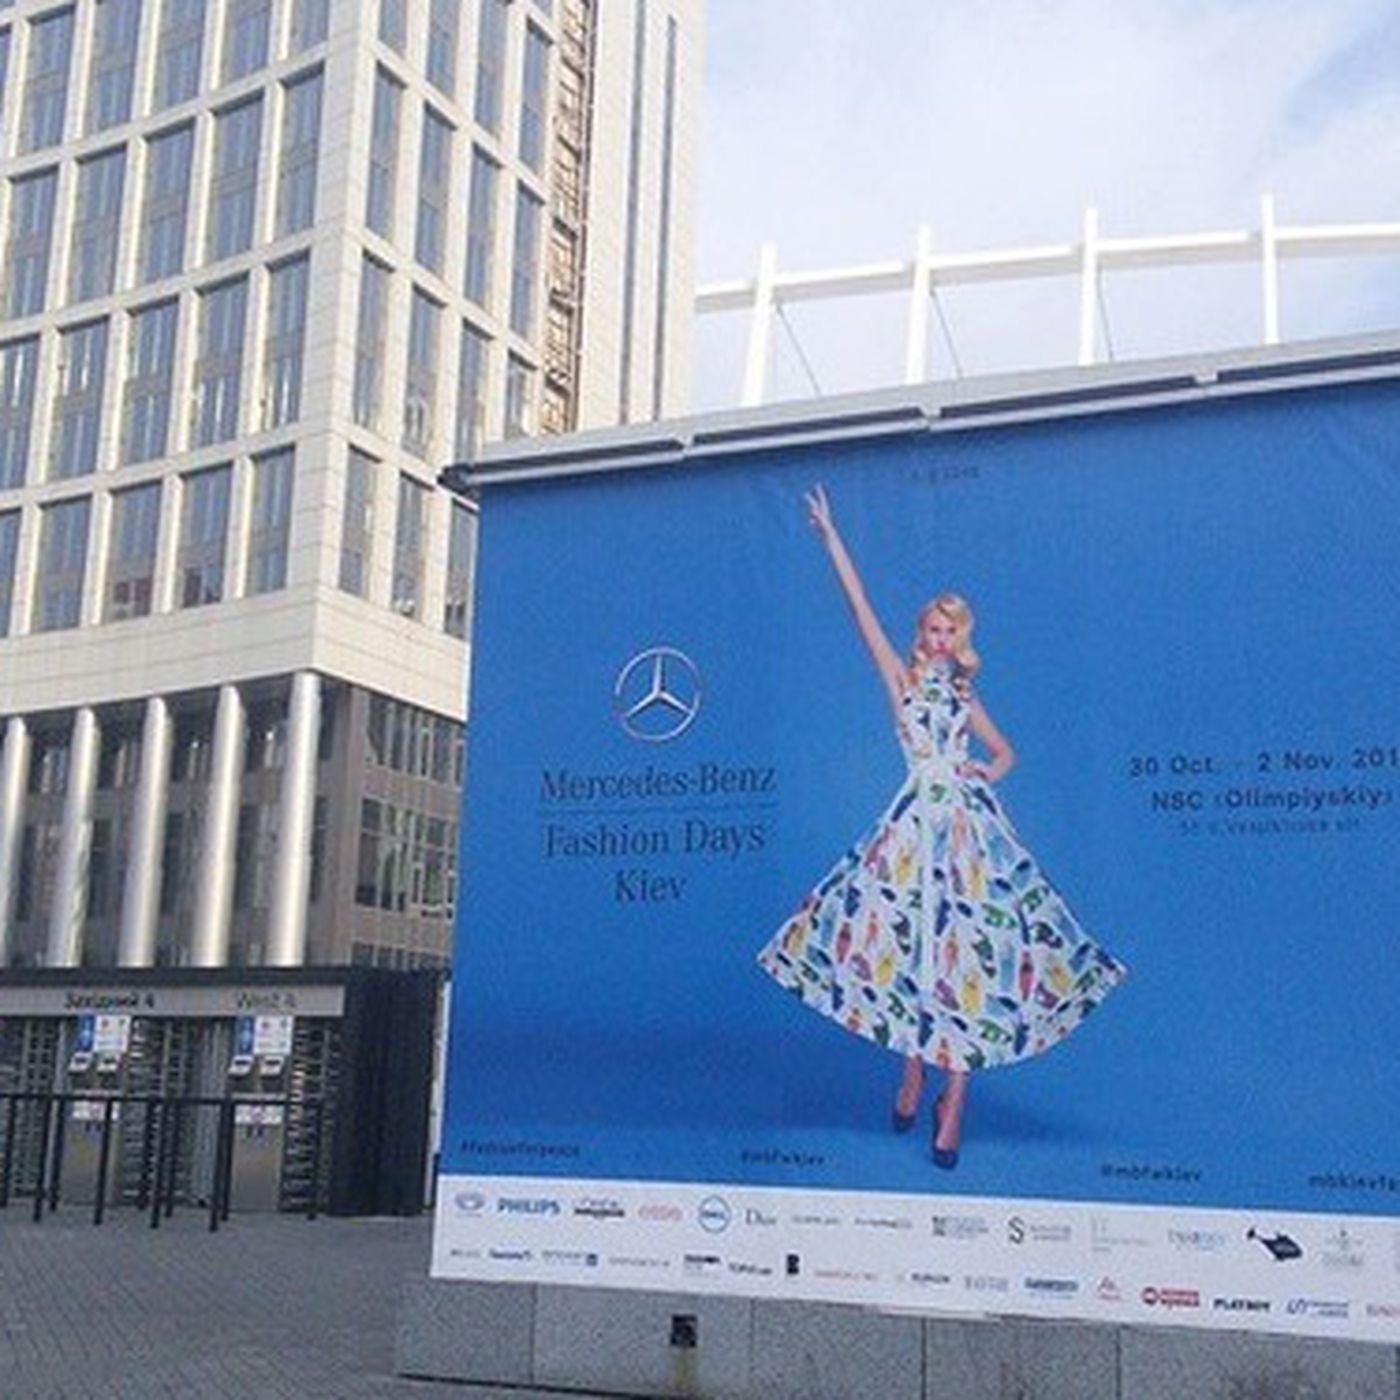 Mercedes benz fashion week киев заработать моделью онлайн в новая ладога